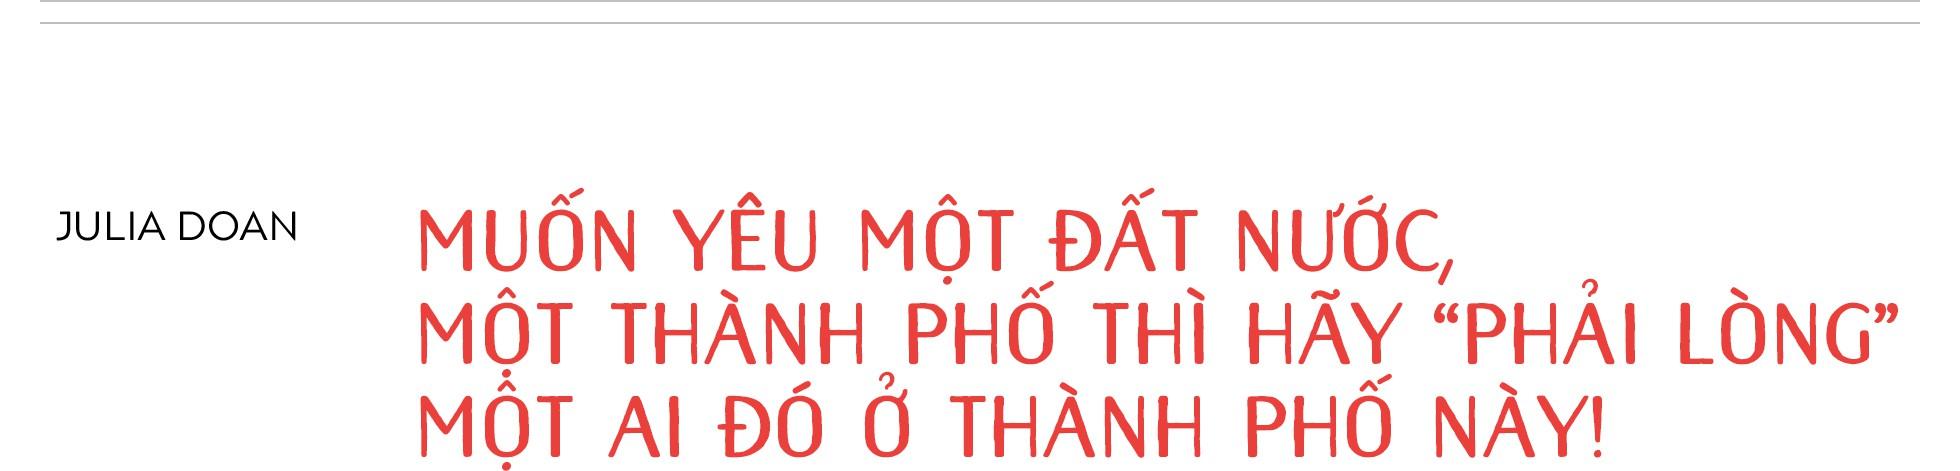 """""""Người quen xa lạ"""" ăn Tết Việt: Chuyến đi tìm về hương vị thịt mỡ dưa hành hay chạm đến gốc rễ của câu hỏi tôi là ai? - Ảnh 18."""